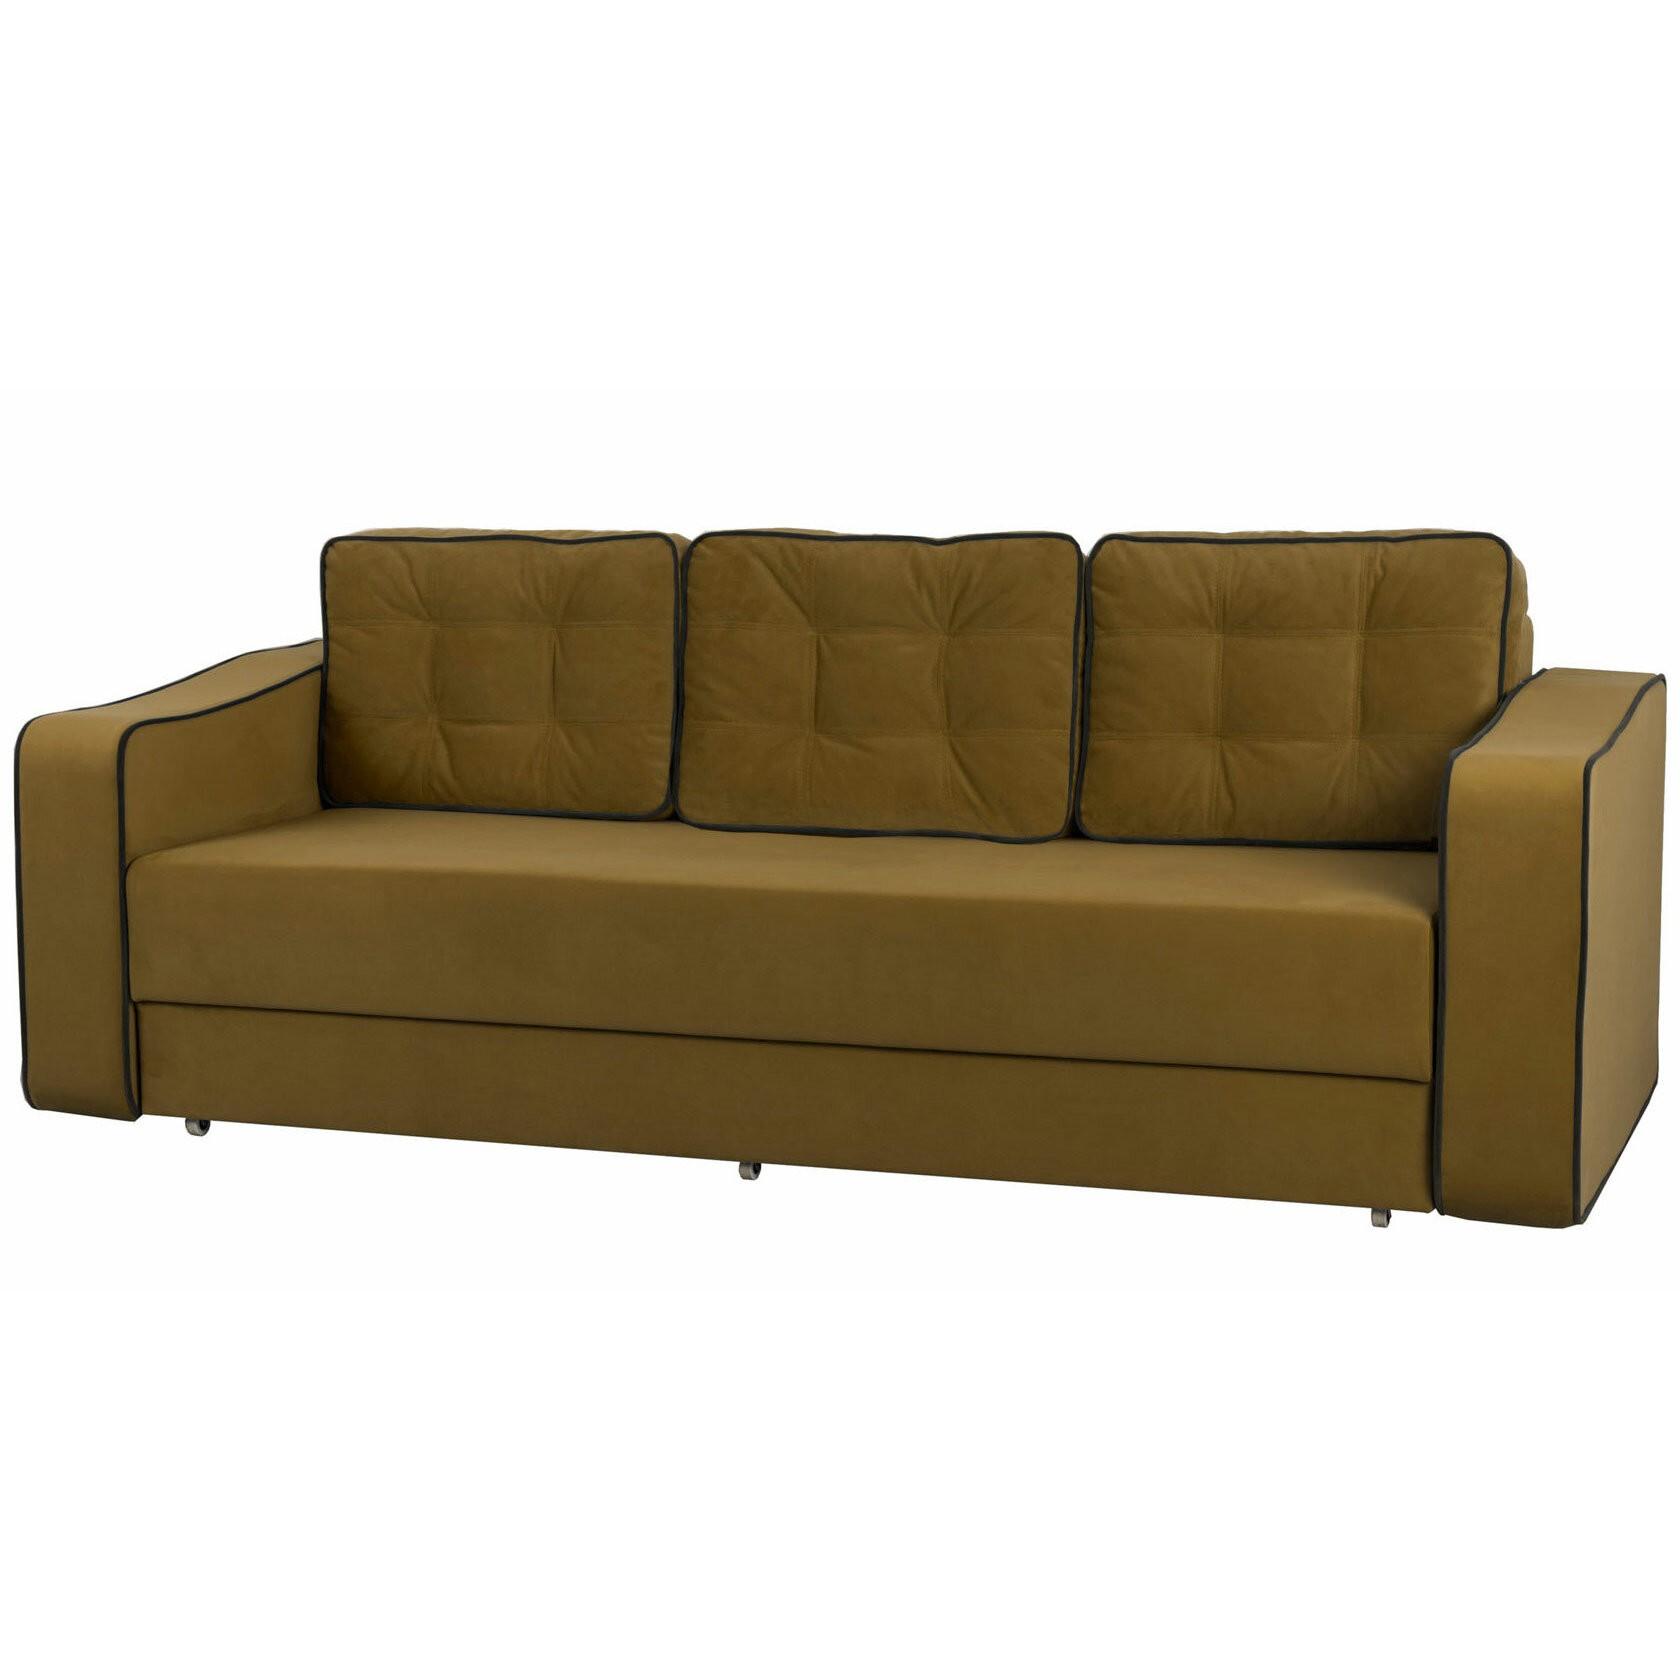 10 место Мебель холдинг диван фостер просон